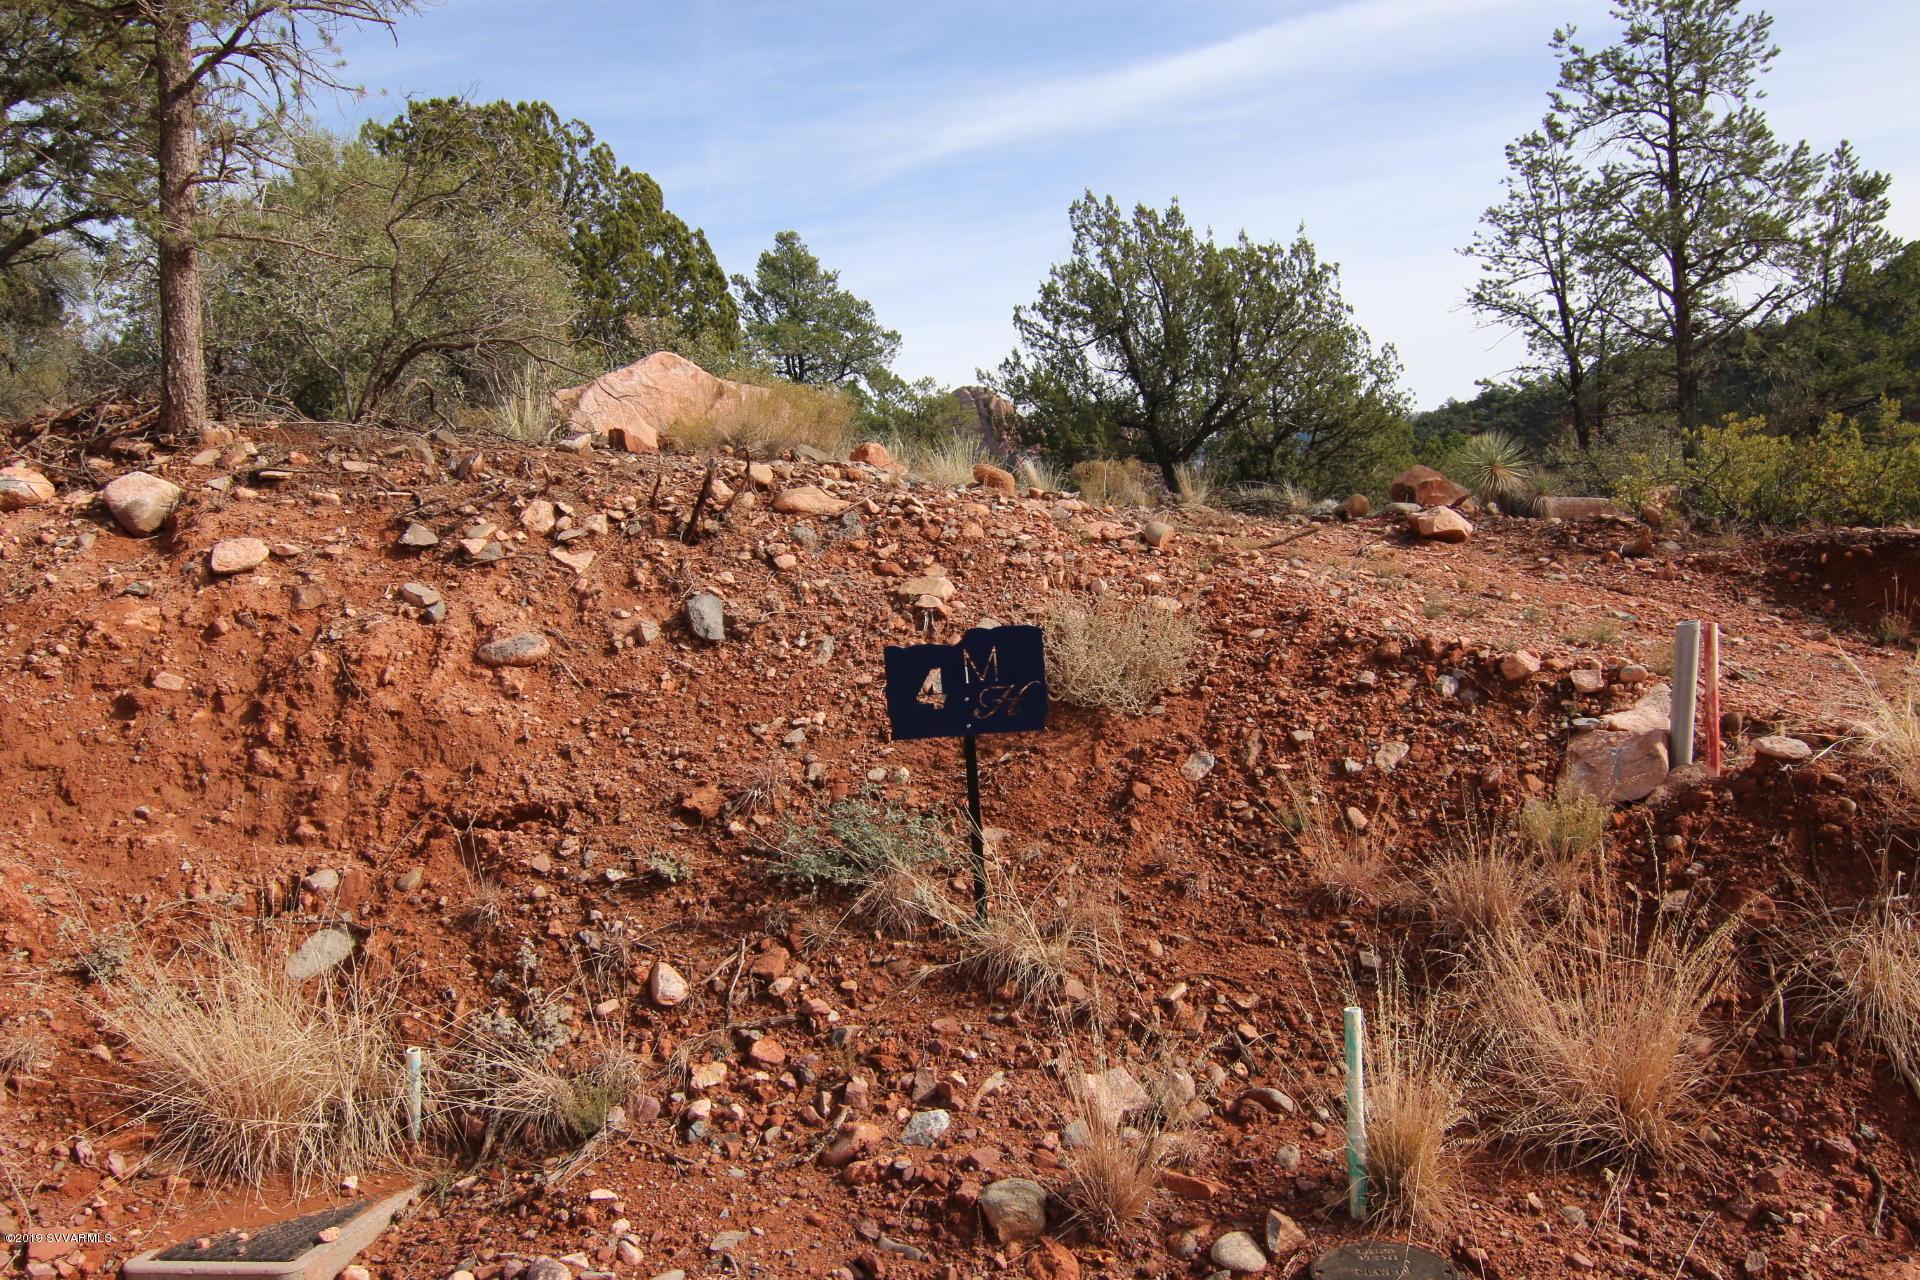 75 Hilltop Sedona, AZ 86336